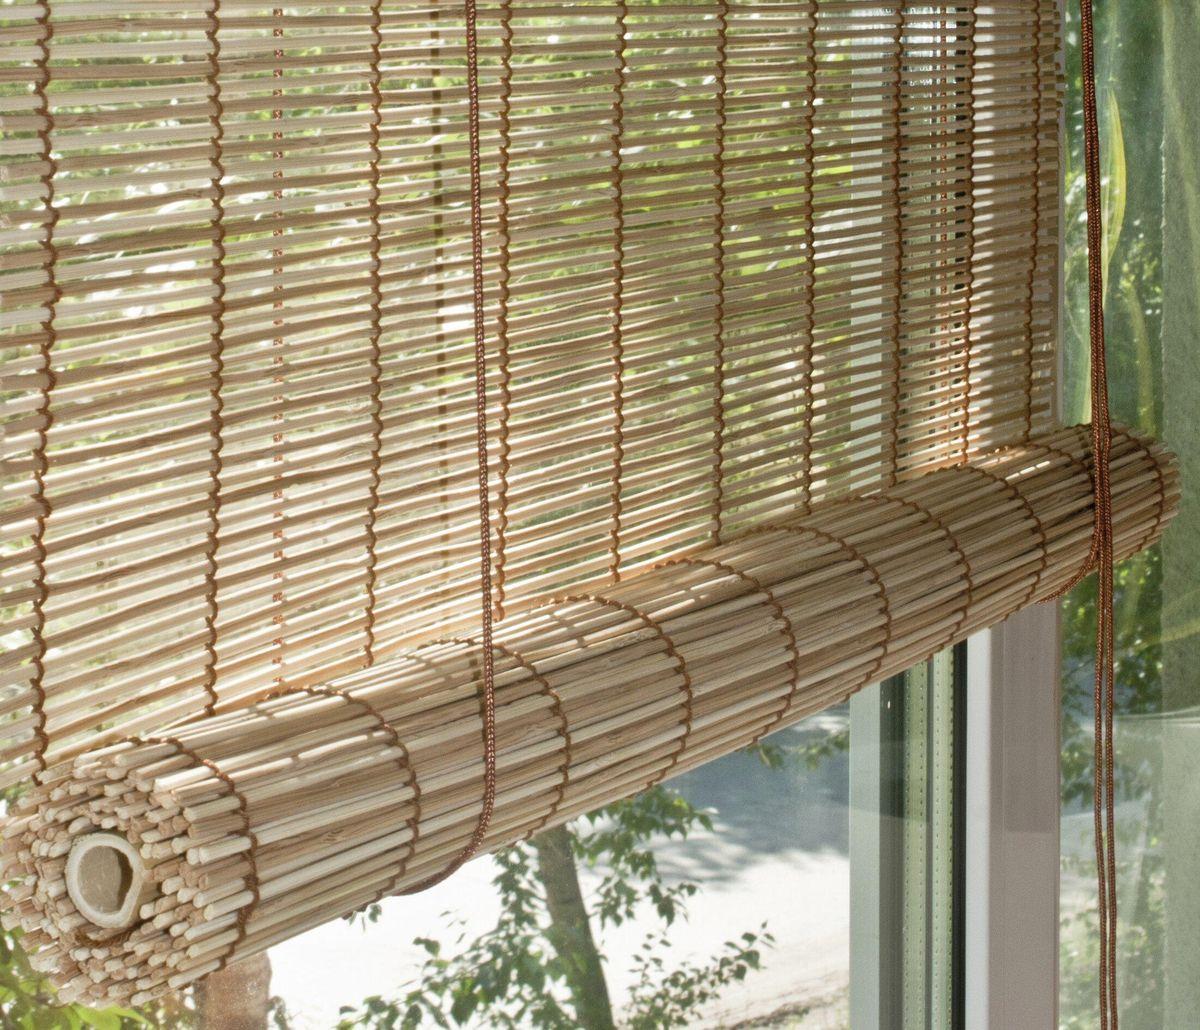 Штора рулонная Эскар Бамбук, цвет: натуральный микс, ширина 80 см, высота 160 см804946130160При оформлении интерьера современных помещений многие отдают предпочтение природным материалам. Бамбуковые рулонные шторыЭскар Бамбук - одно из натуральных изделий, способное сделать атмосферу помещения более уютной и в то же время необычной. Свойства бамбука уникальны: он экологически чист, так как быстро вырастает, благодаря чему не успевает накопить вредные вещества из окружающей среды. Кроме того, растение обладает противомикробным и антибактериальным действием. Занавеси из бамбука безопасно использовать в помещениях, где находятся новорожденные дети и люди, склонные к аллергии. Они незаменимы для тех, кто заботится о своем здоровье и уделяет внимание высокому уровню жизни.